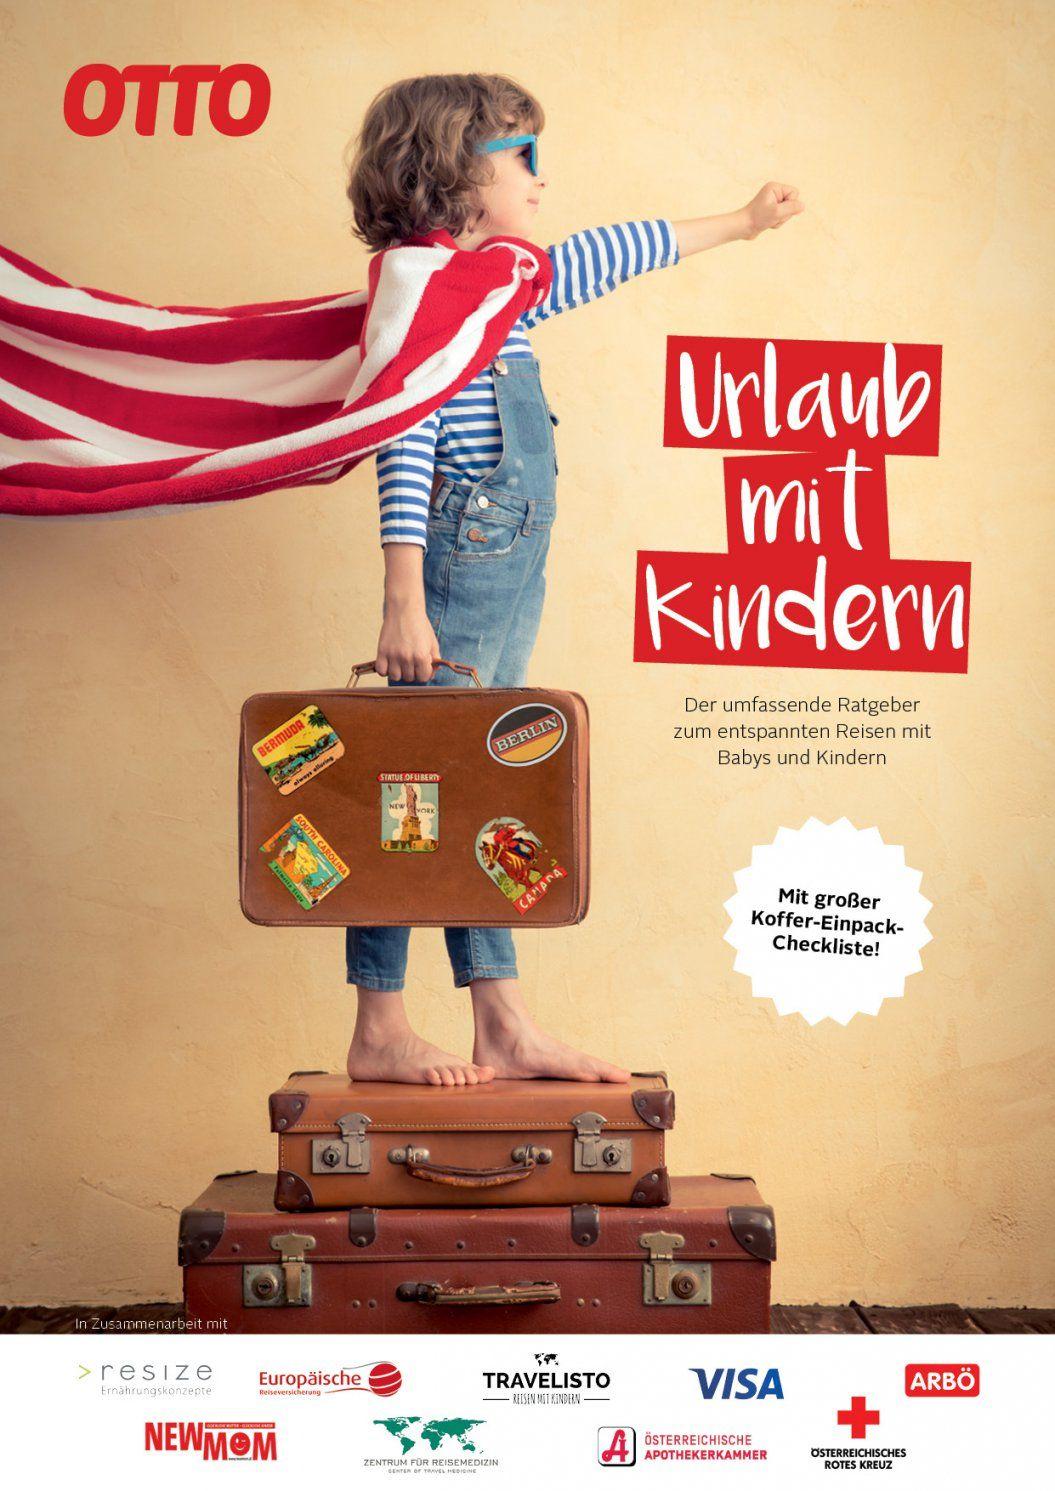 Ratgeber & Ebook Urlaub & Reisen Mit Kindern von Otto Versand Telefonnummer Zum Bestellen Photo